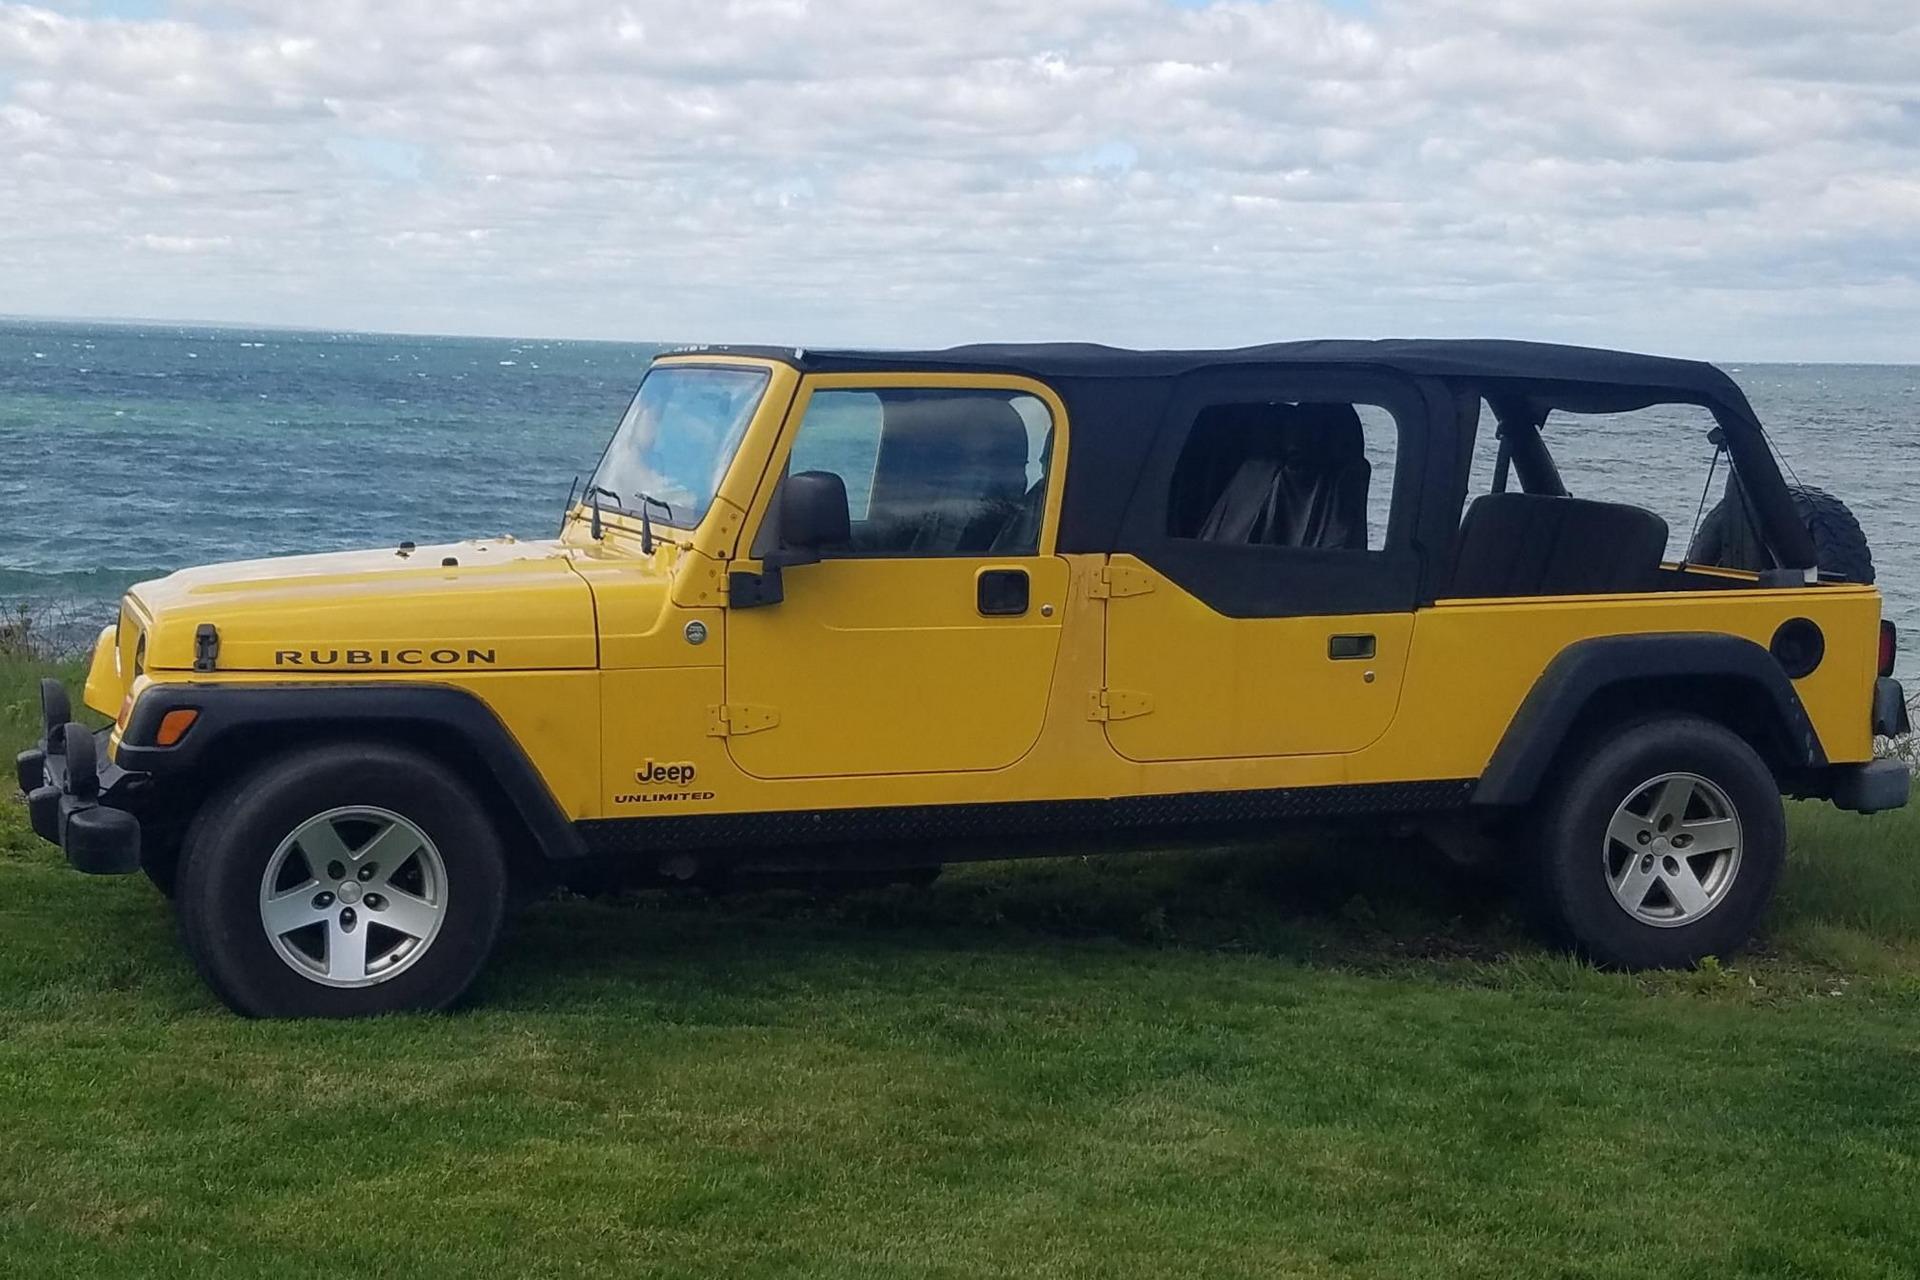 Как известно, до 2007 года компания Jeep предлагала свой внедорожник Wrangler исключительно в двухдверном варианте (см. видео). Одному поклоннику марки этого показалось мало, и он перекроил свой экземпляр в некое подобие лимузина.